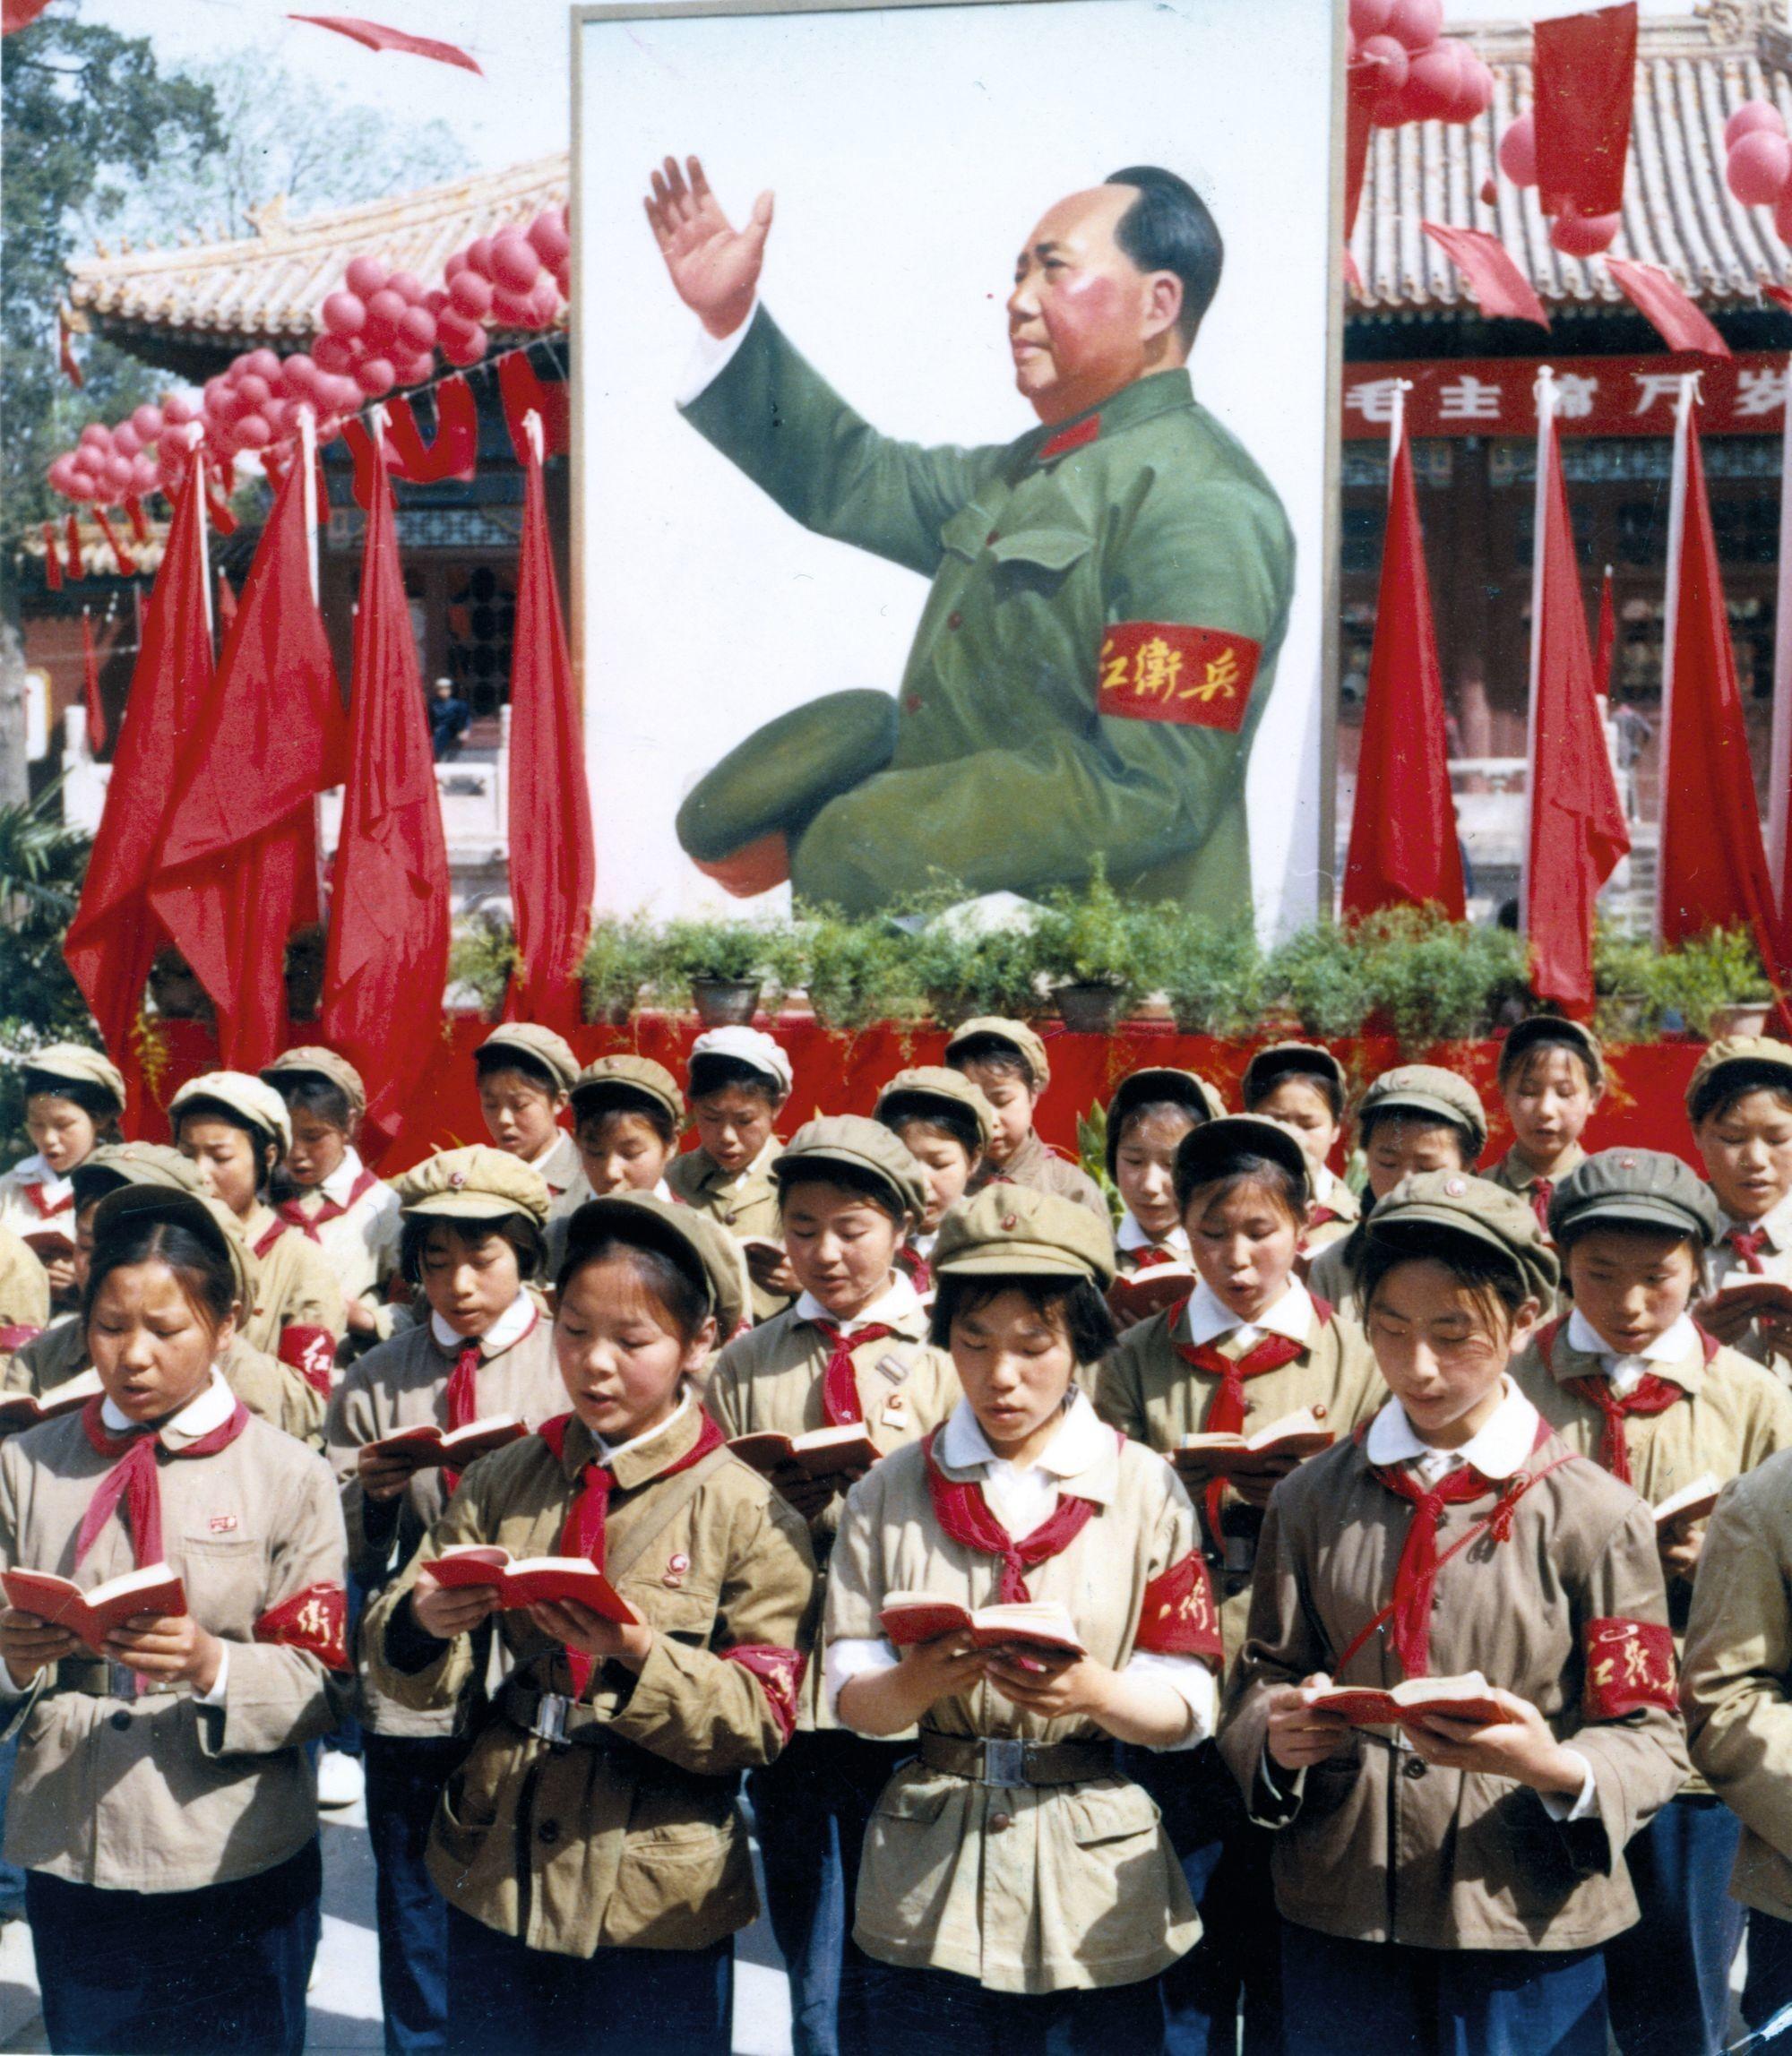 Rassemblement de gardes rouges à Pékin, 1966